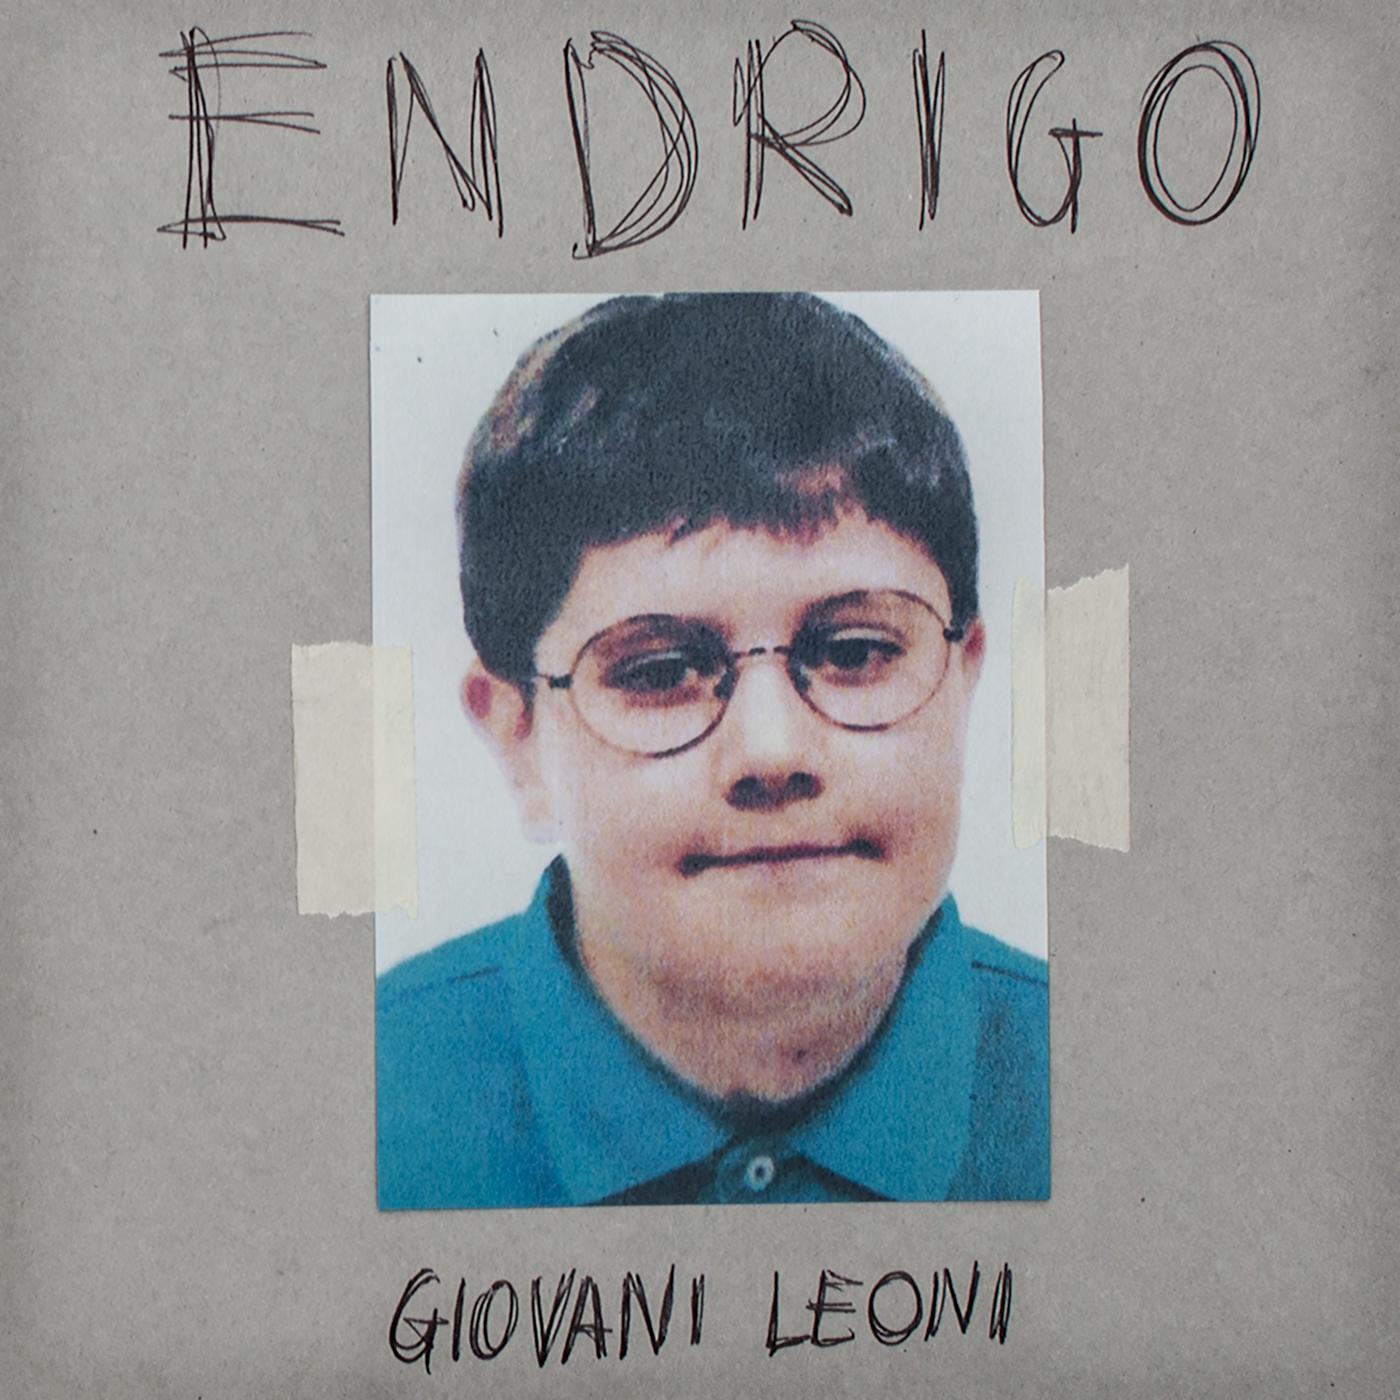 Copertina Endrigo Giovani Leoni 1400x1400 PNG 300dpi